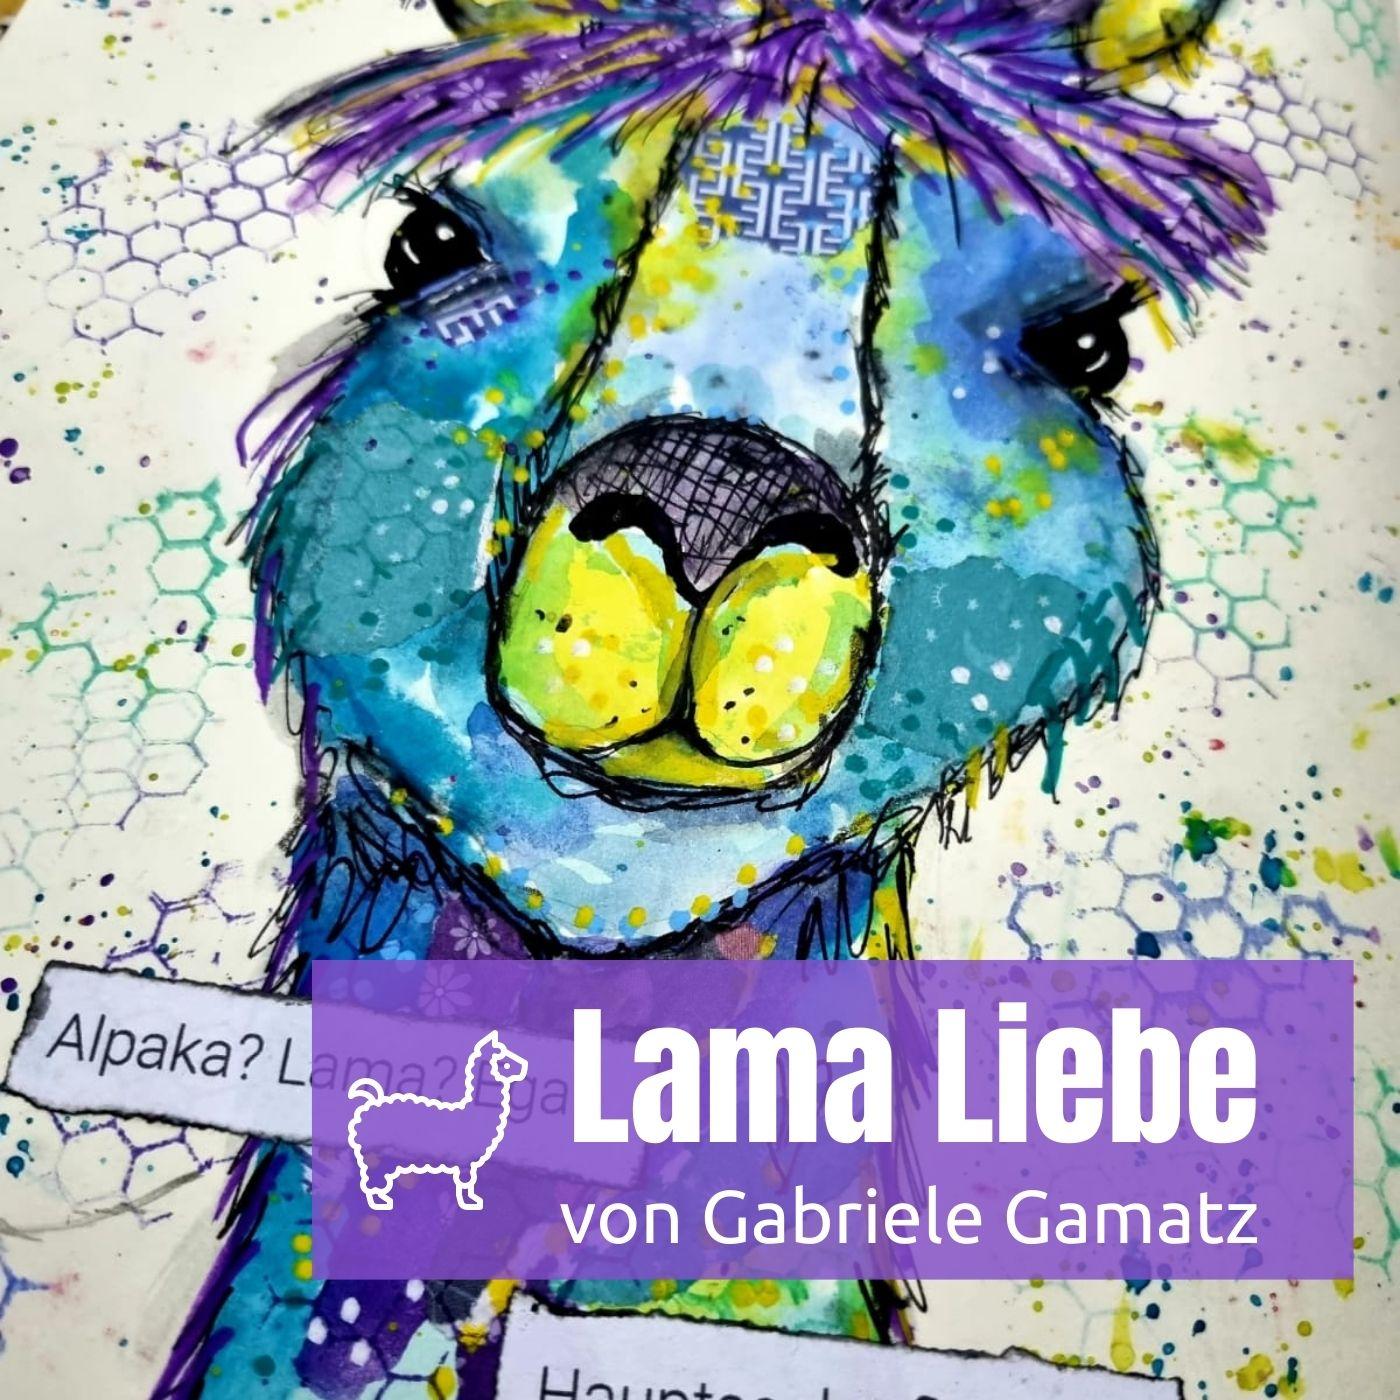 Lama Liebe mit Gabriele Gamatz